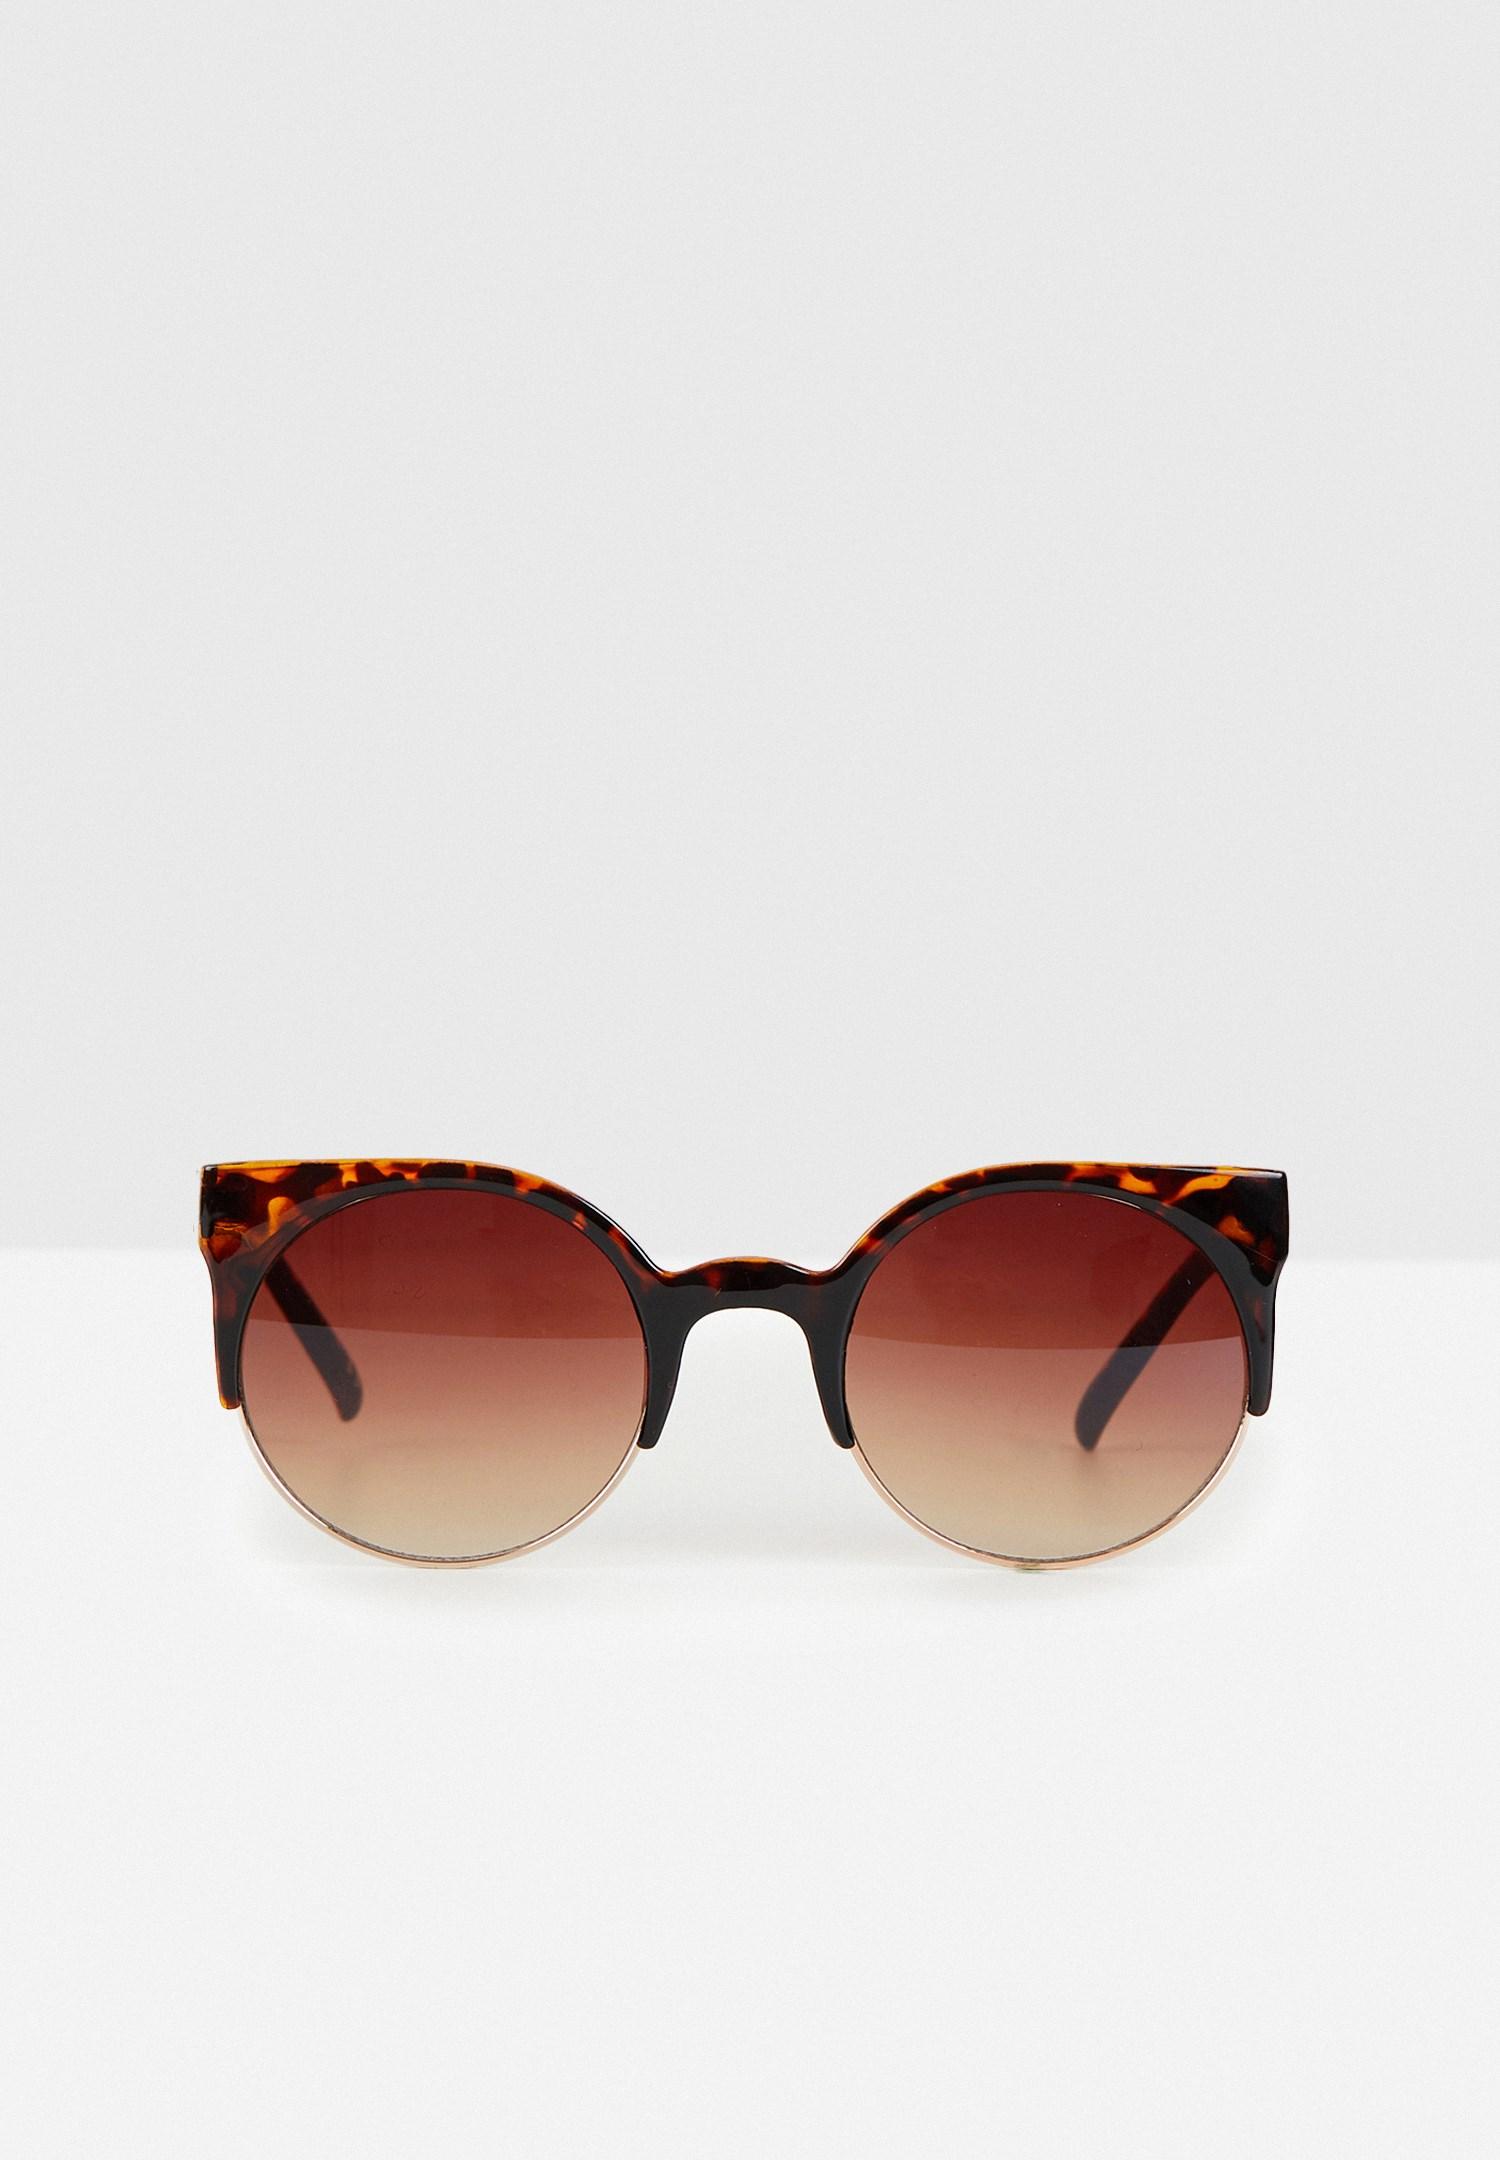 Bayan Çok Renkli Yarım Çerçeveli Güneş Gözlüğü